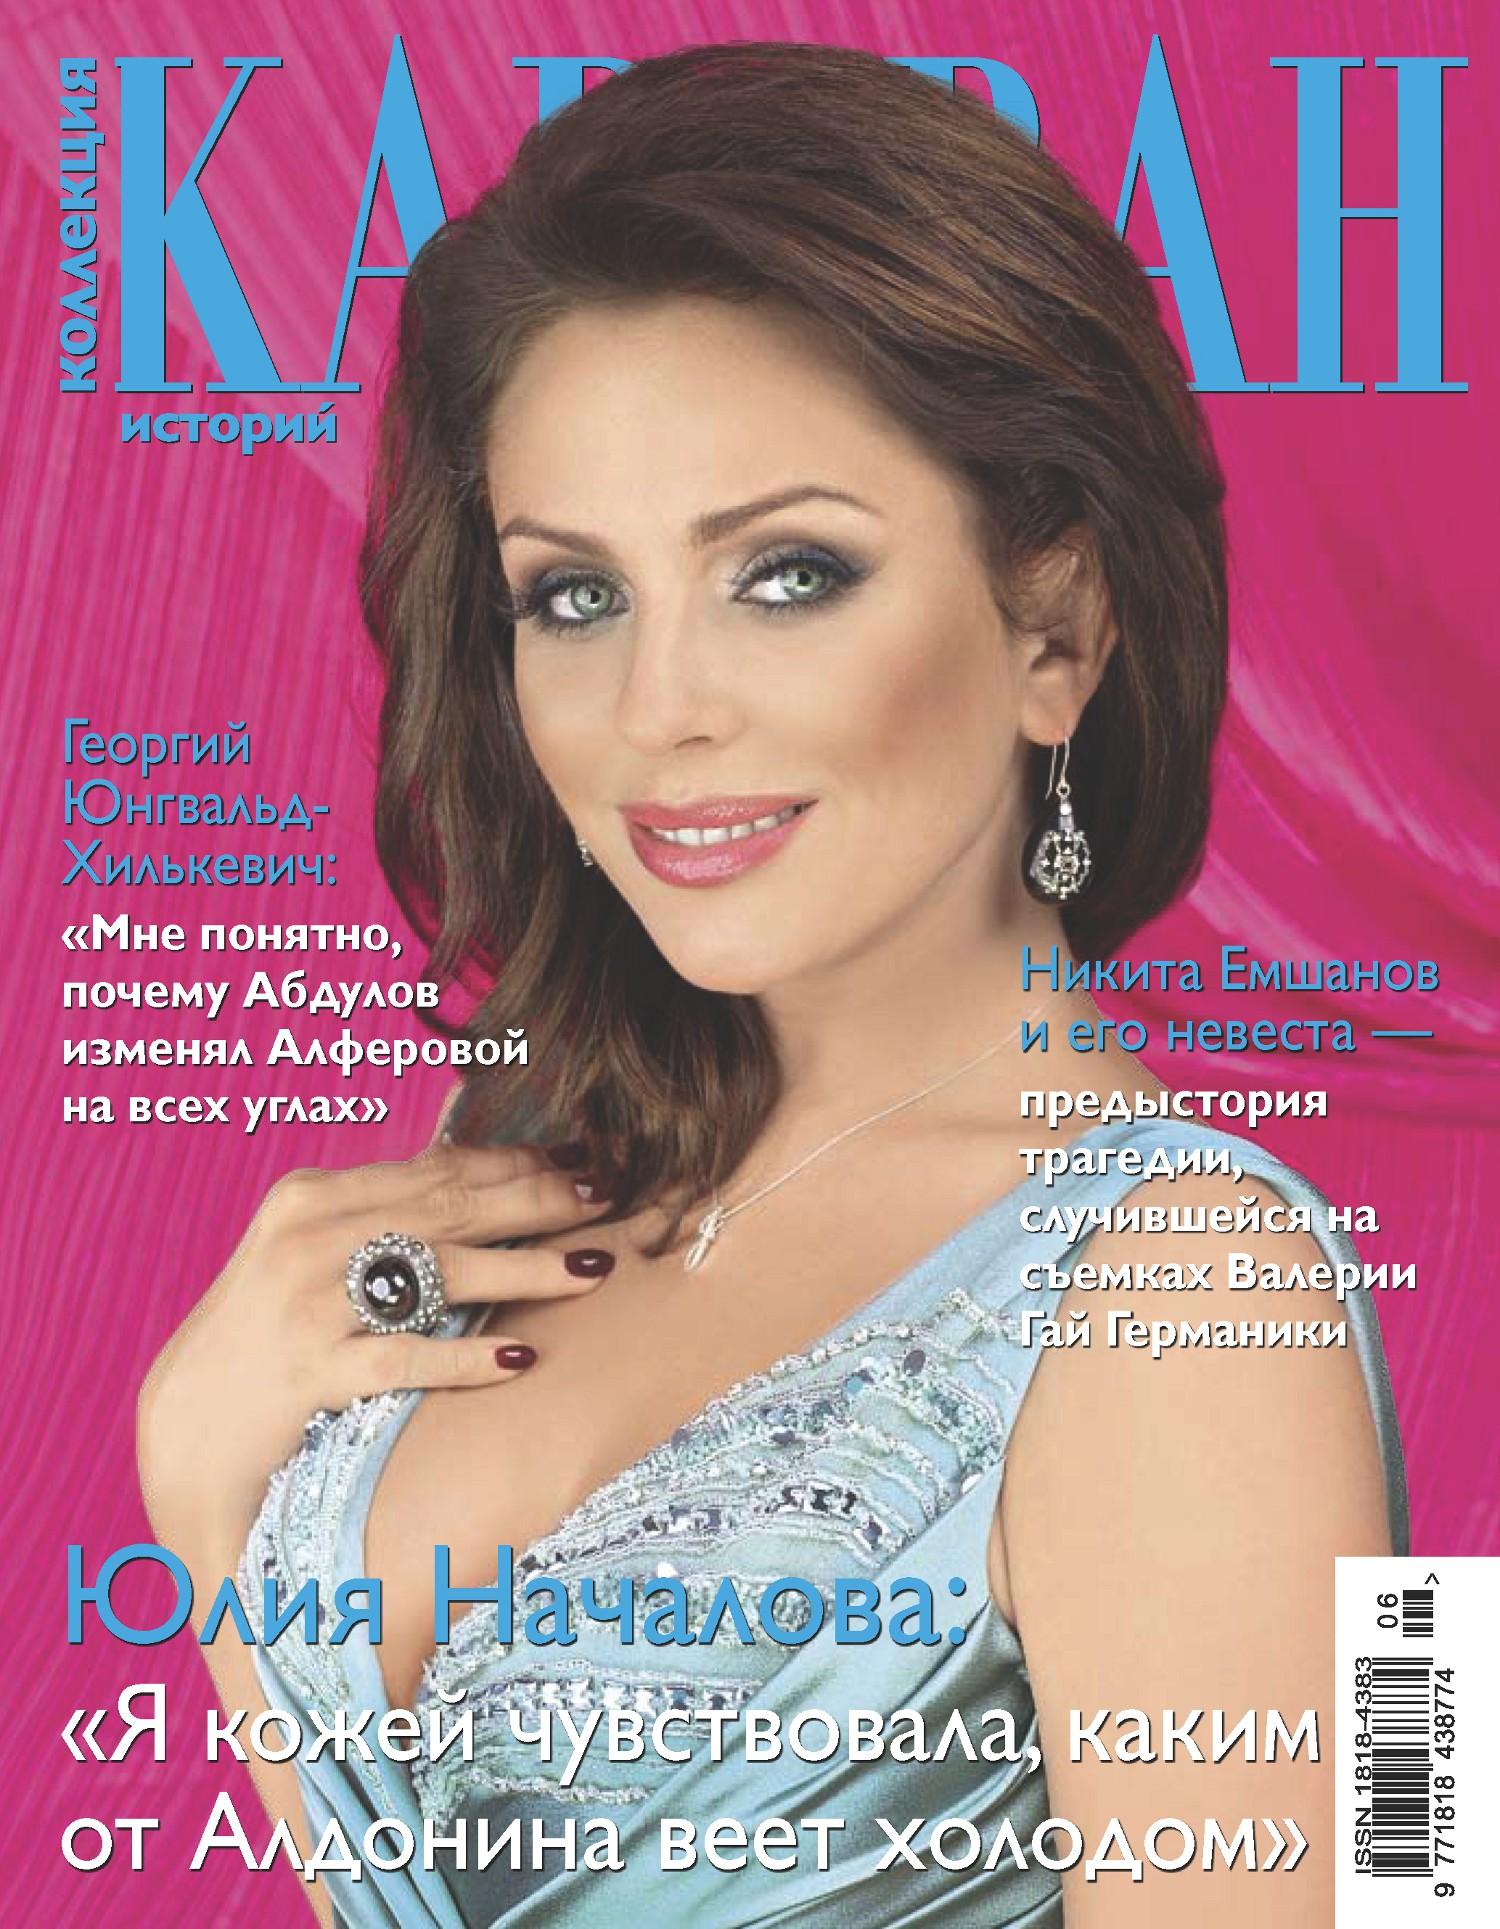 Отсутствует Коллекция Караван историй №06 / июнь 2012 дарья донцова я очень хочу жить мой личный опыт